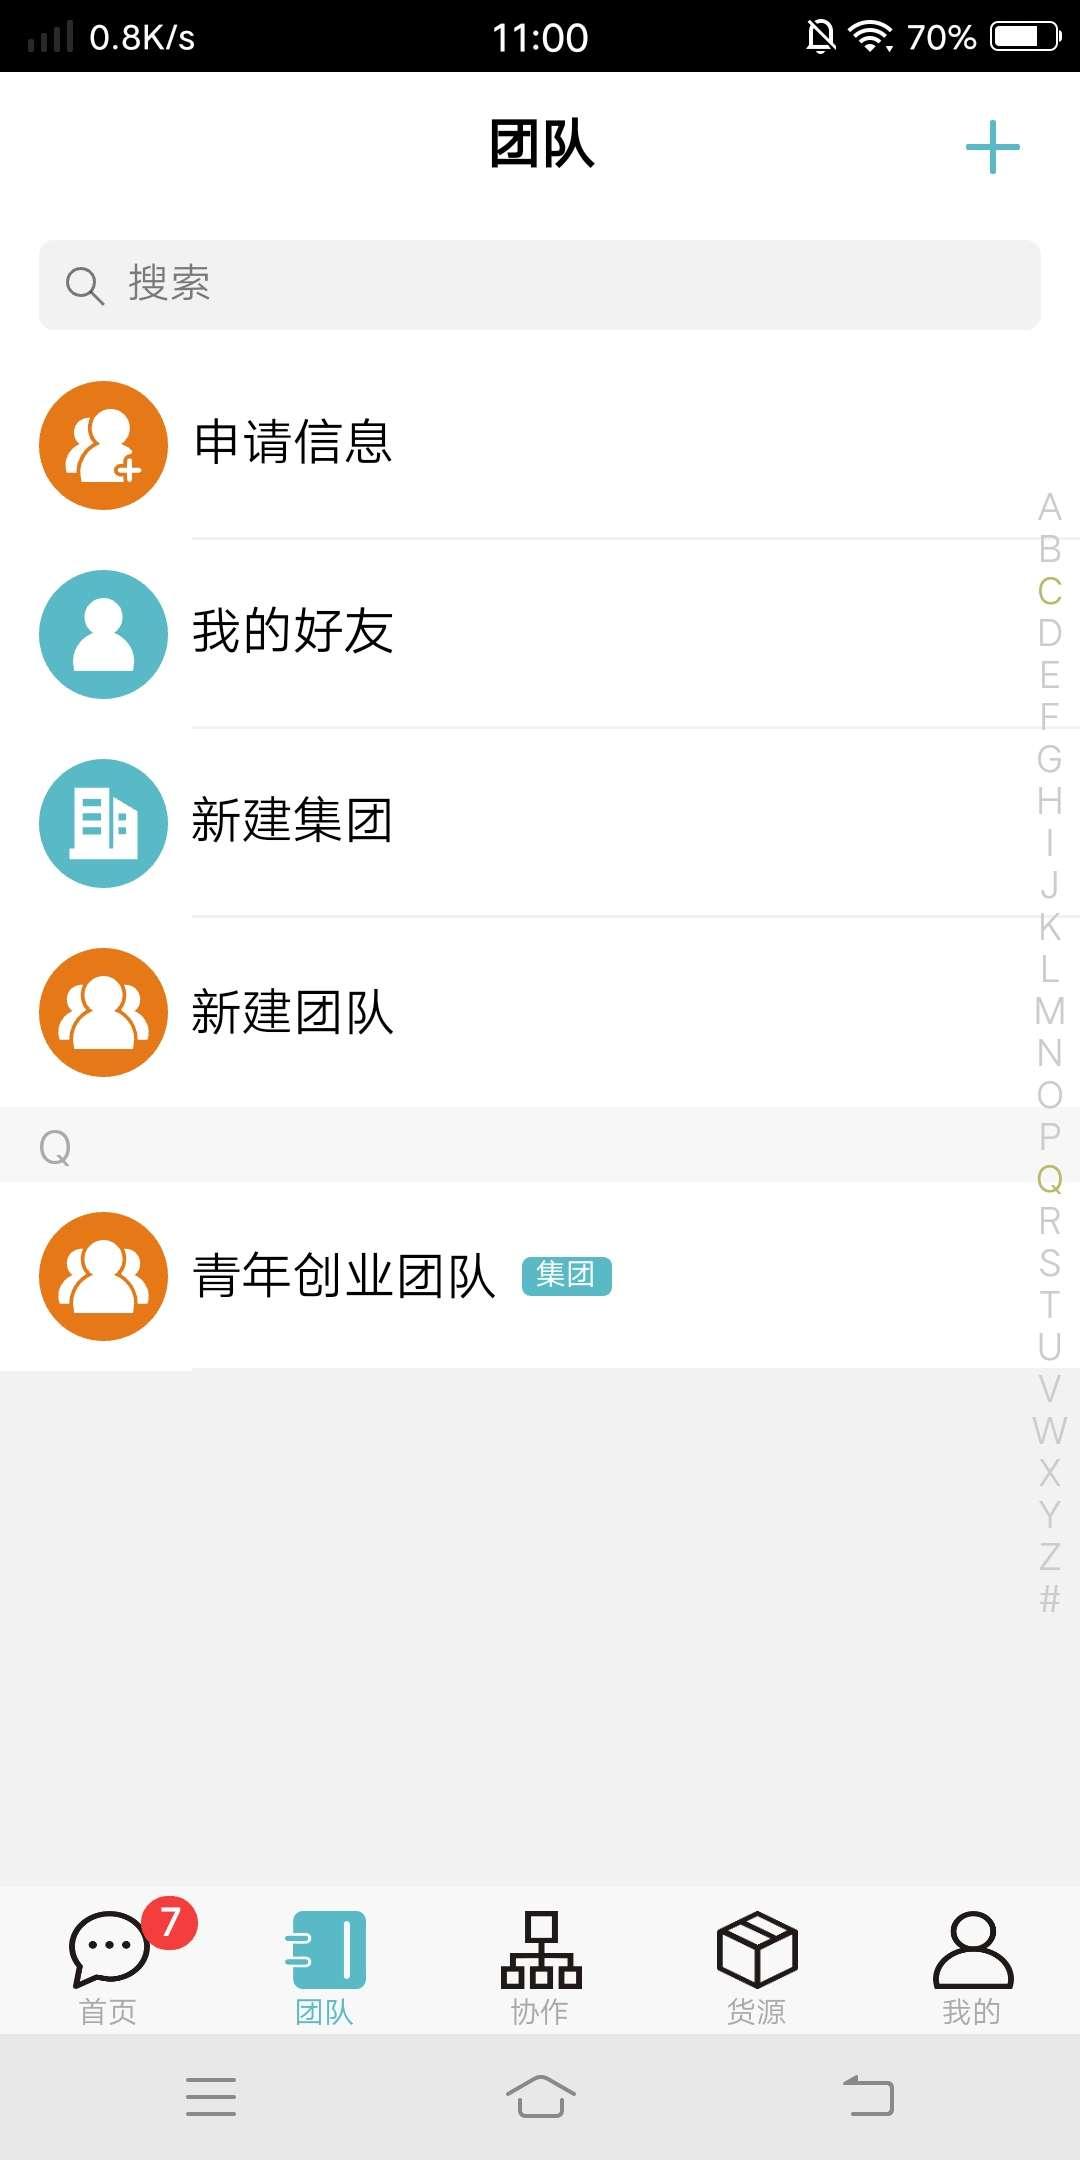 微驿站,更新最新版本1.5.0。